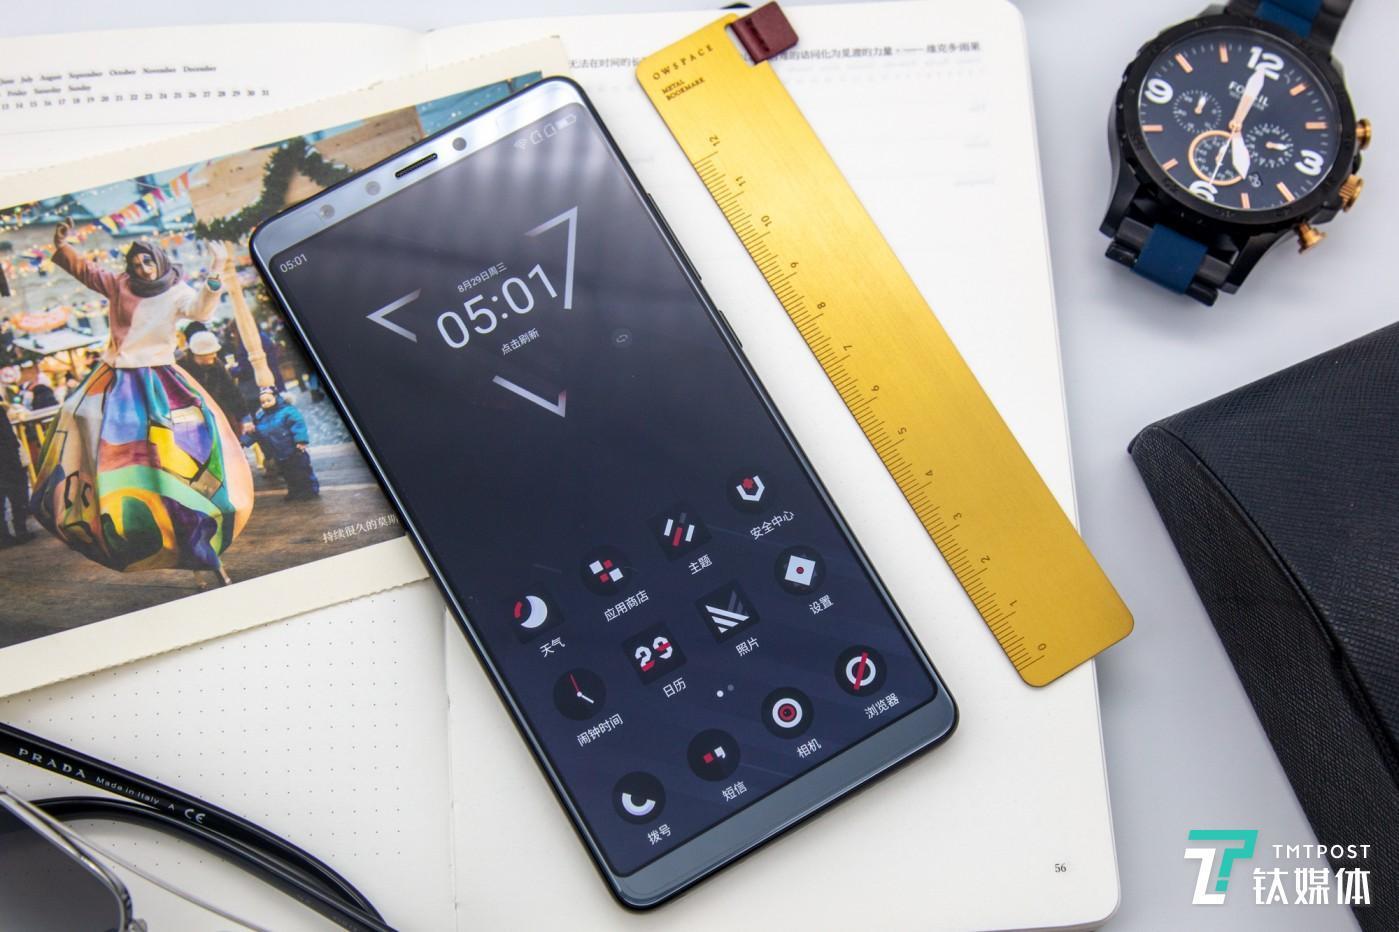 360手机 N7 Pro